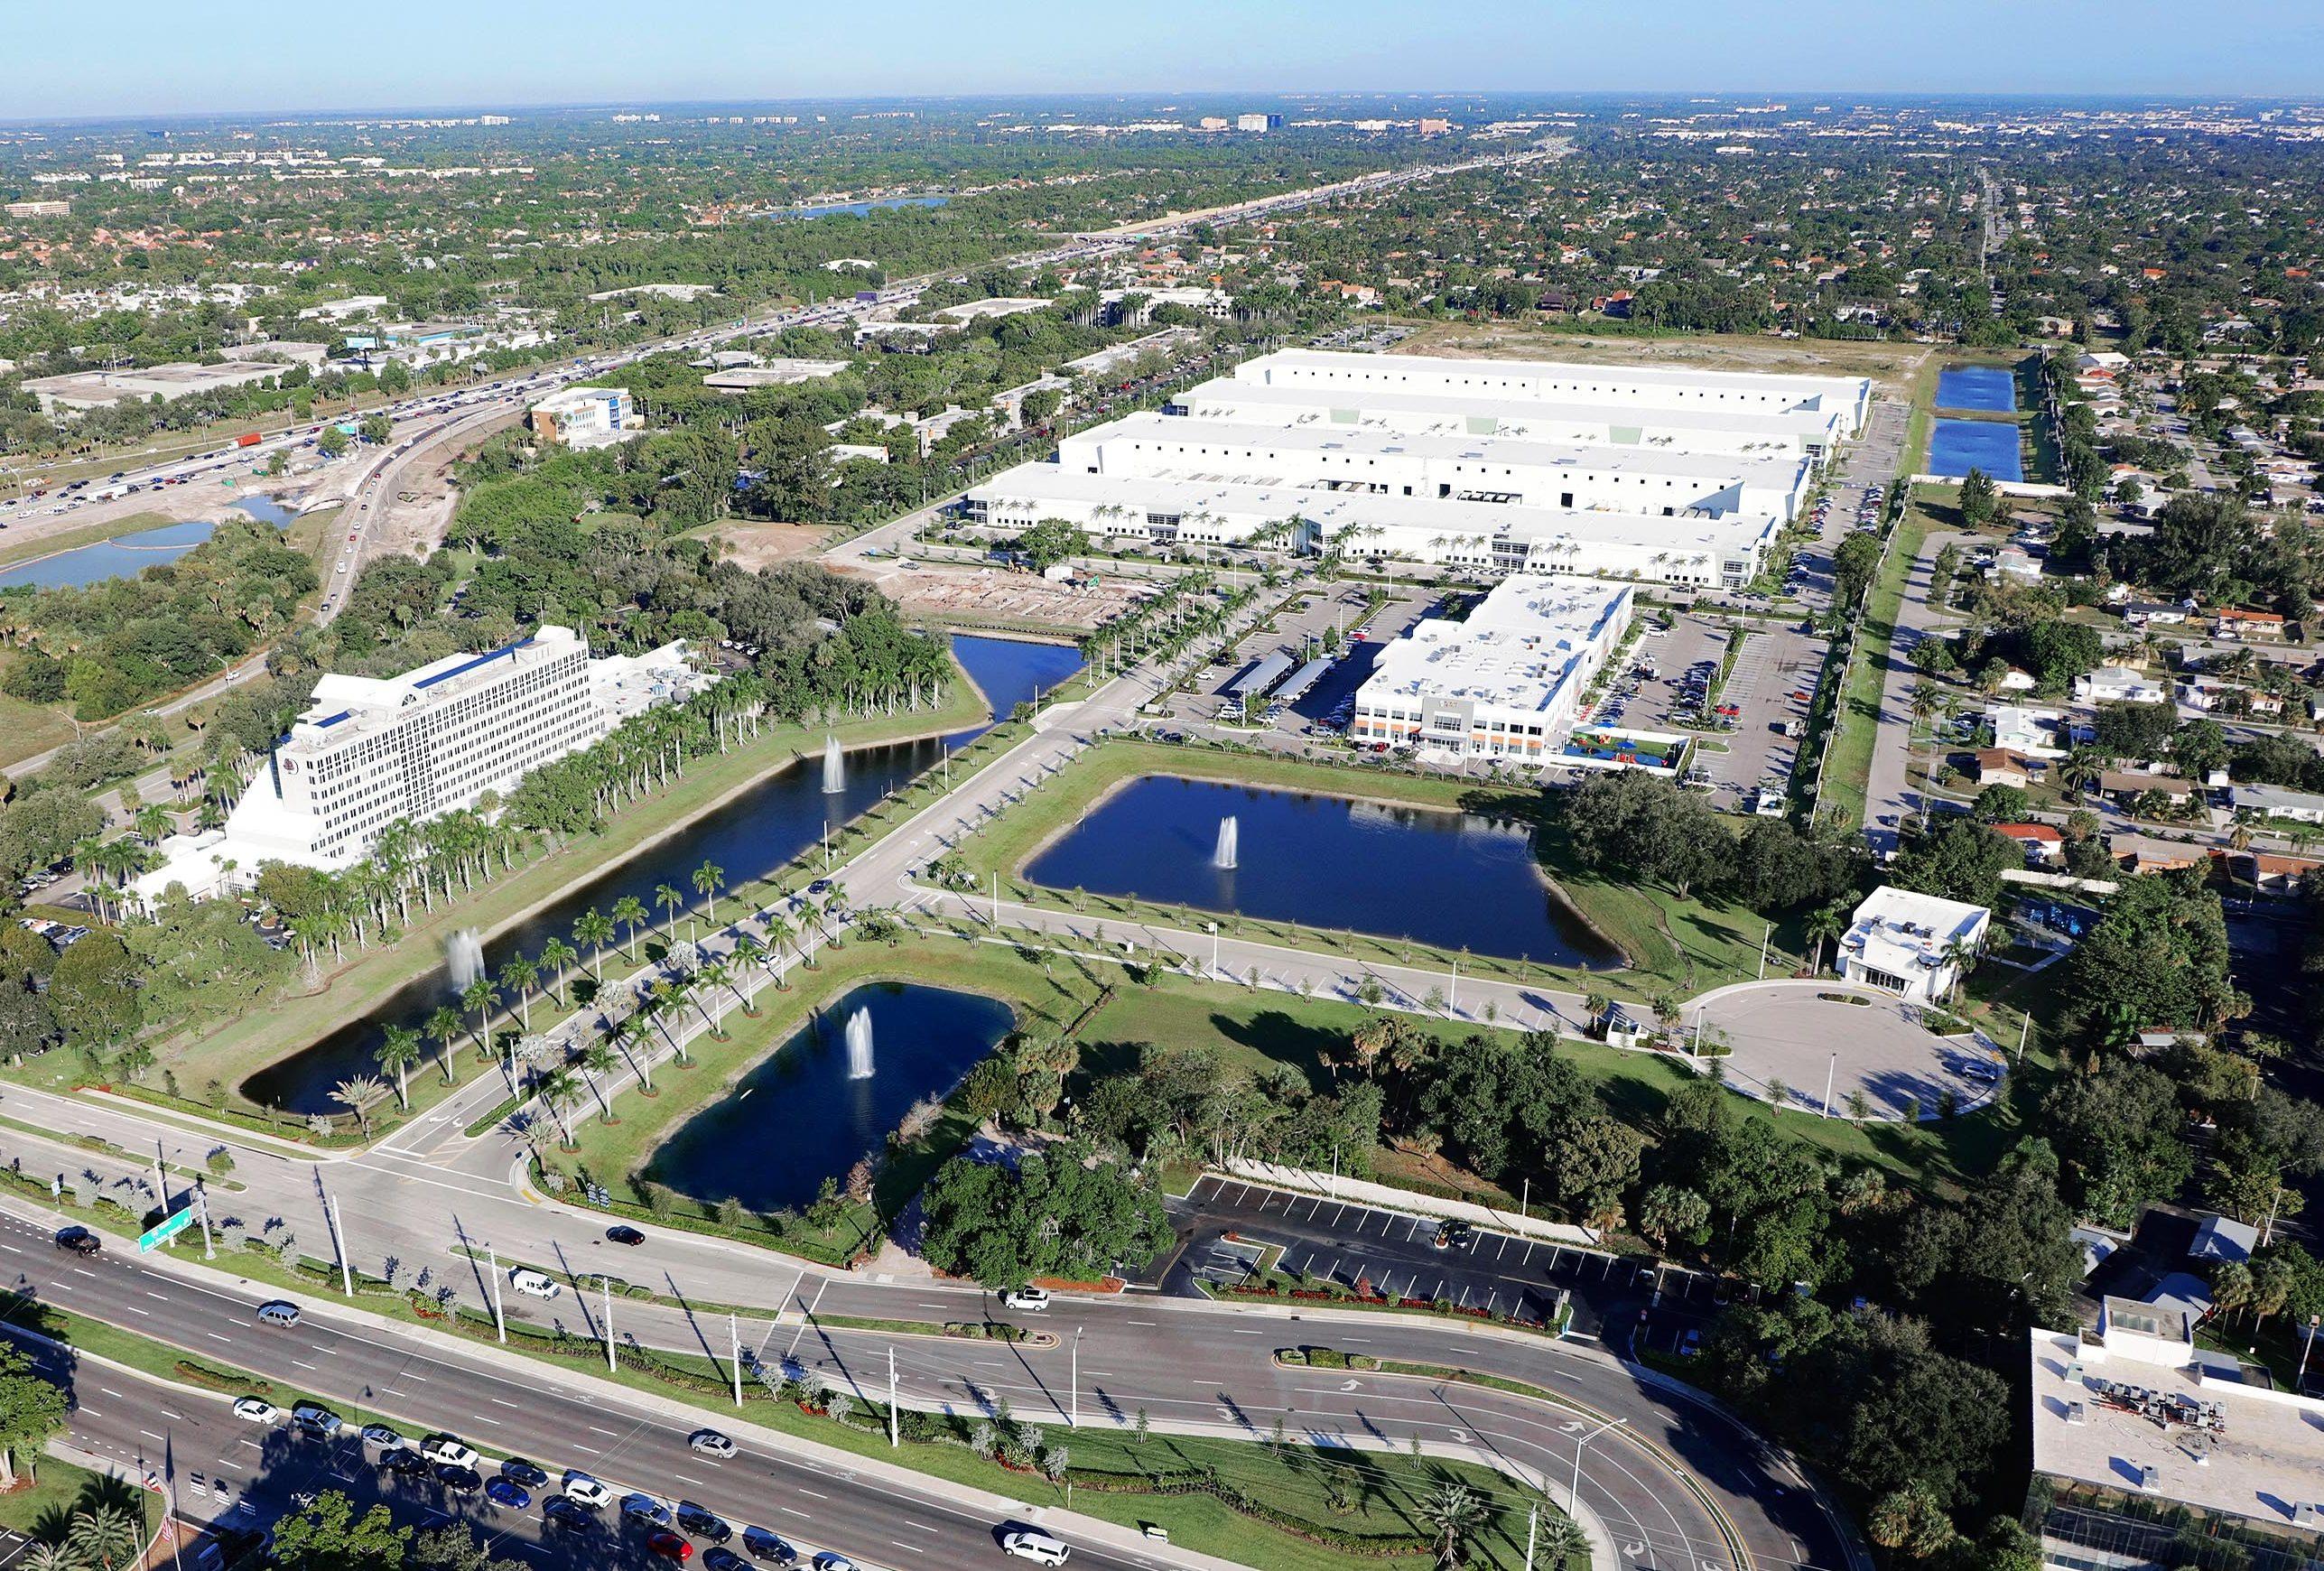 Hillsboro Center - Aerial